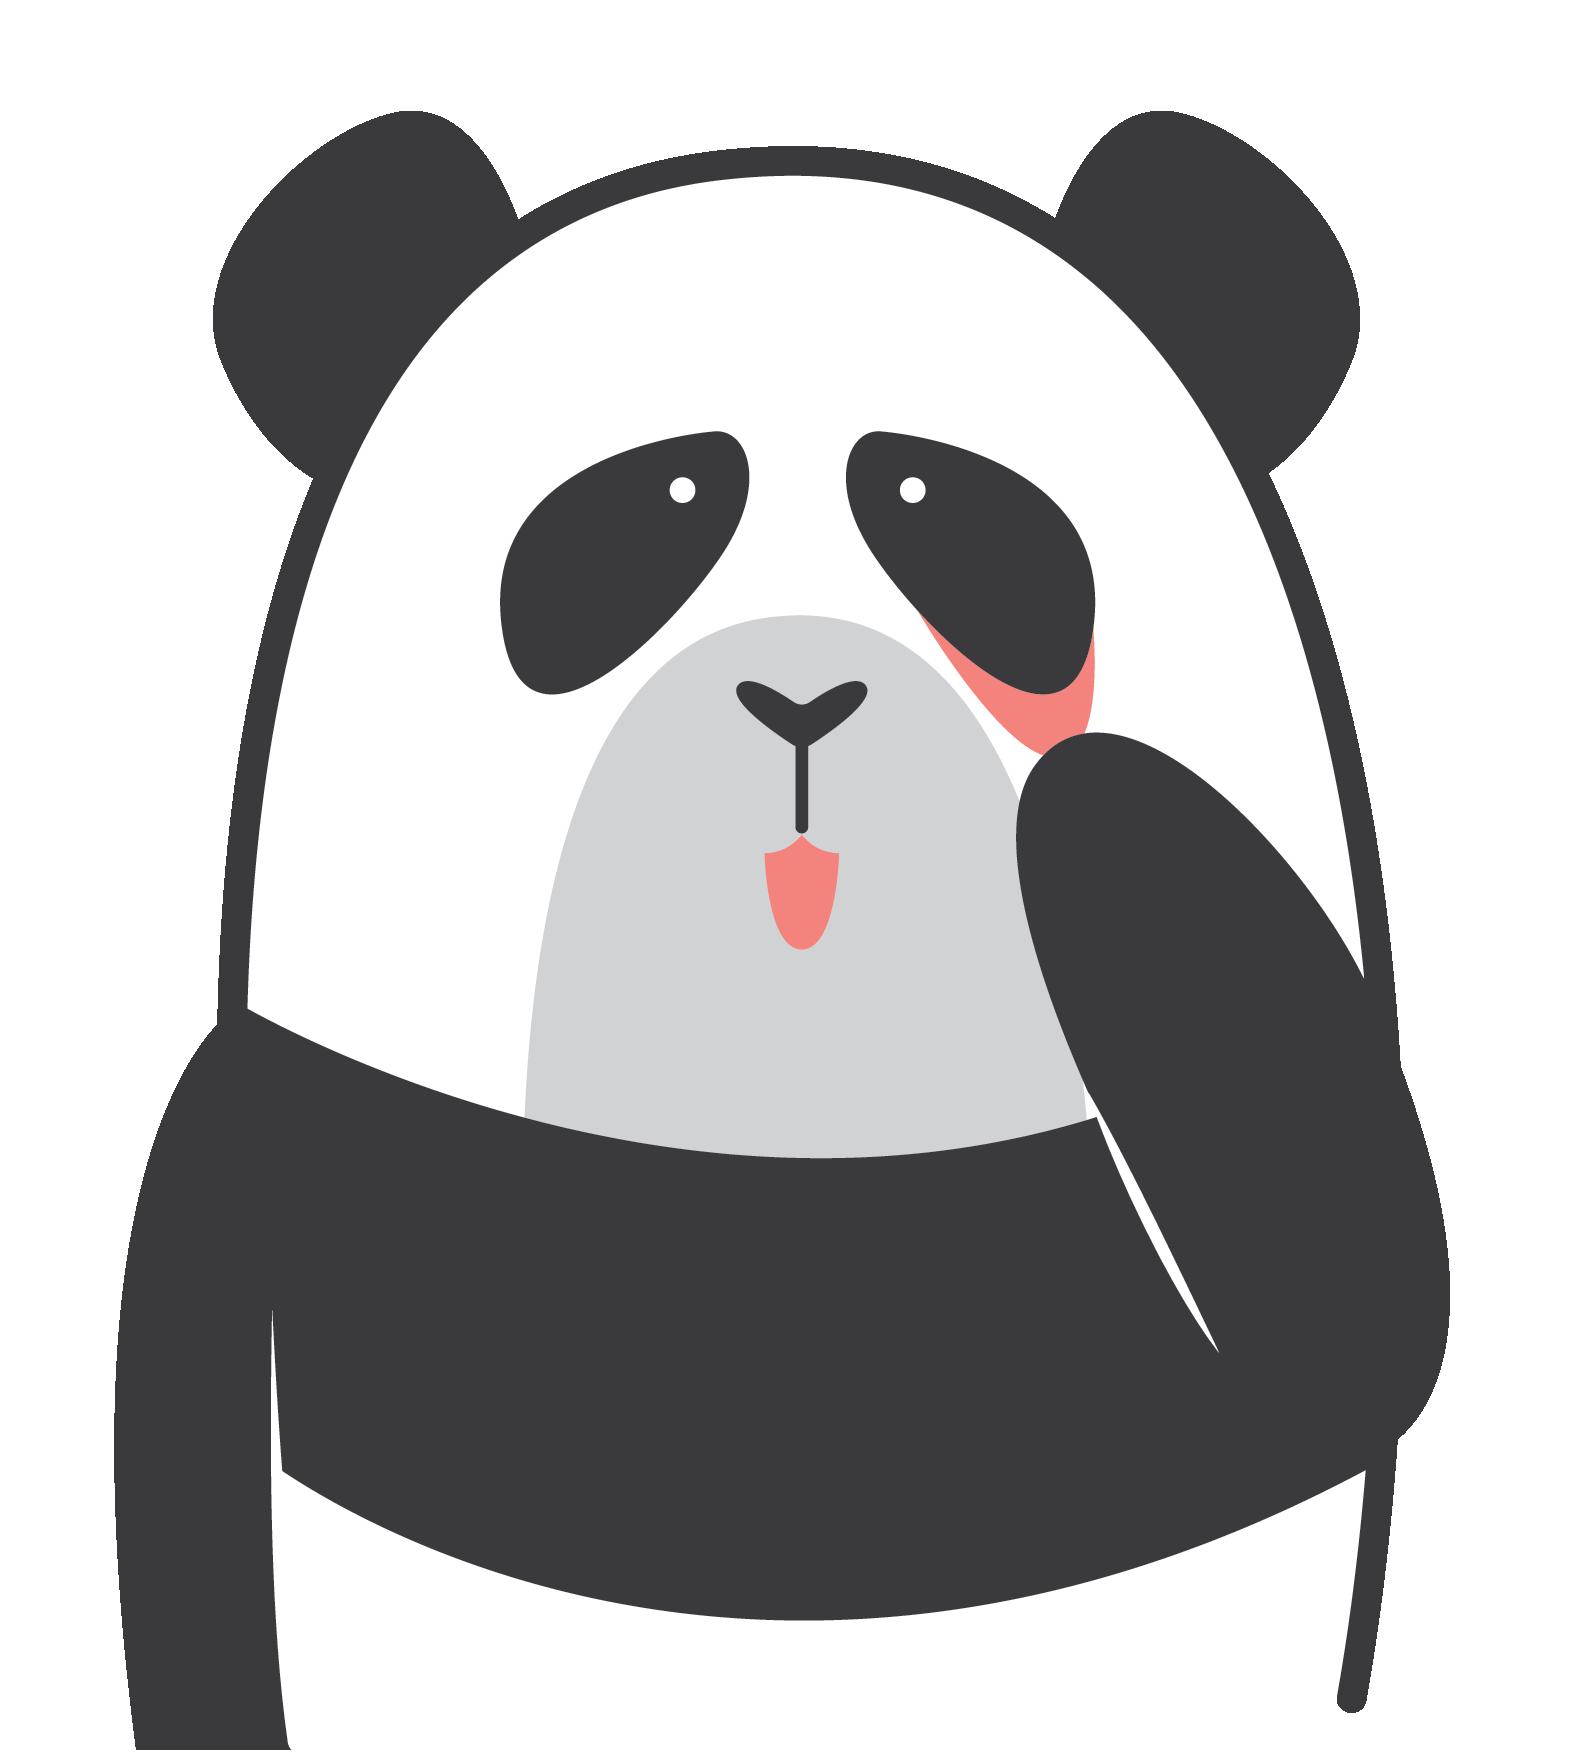 Panda clipart abrupt, Panda abrupt Transparent FREE for.